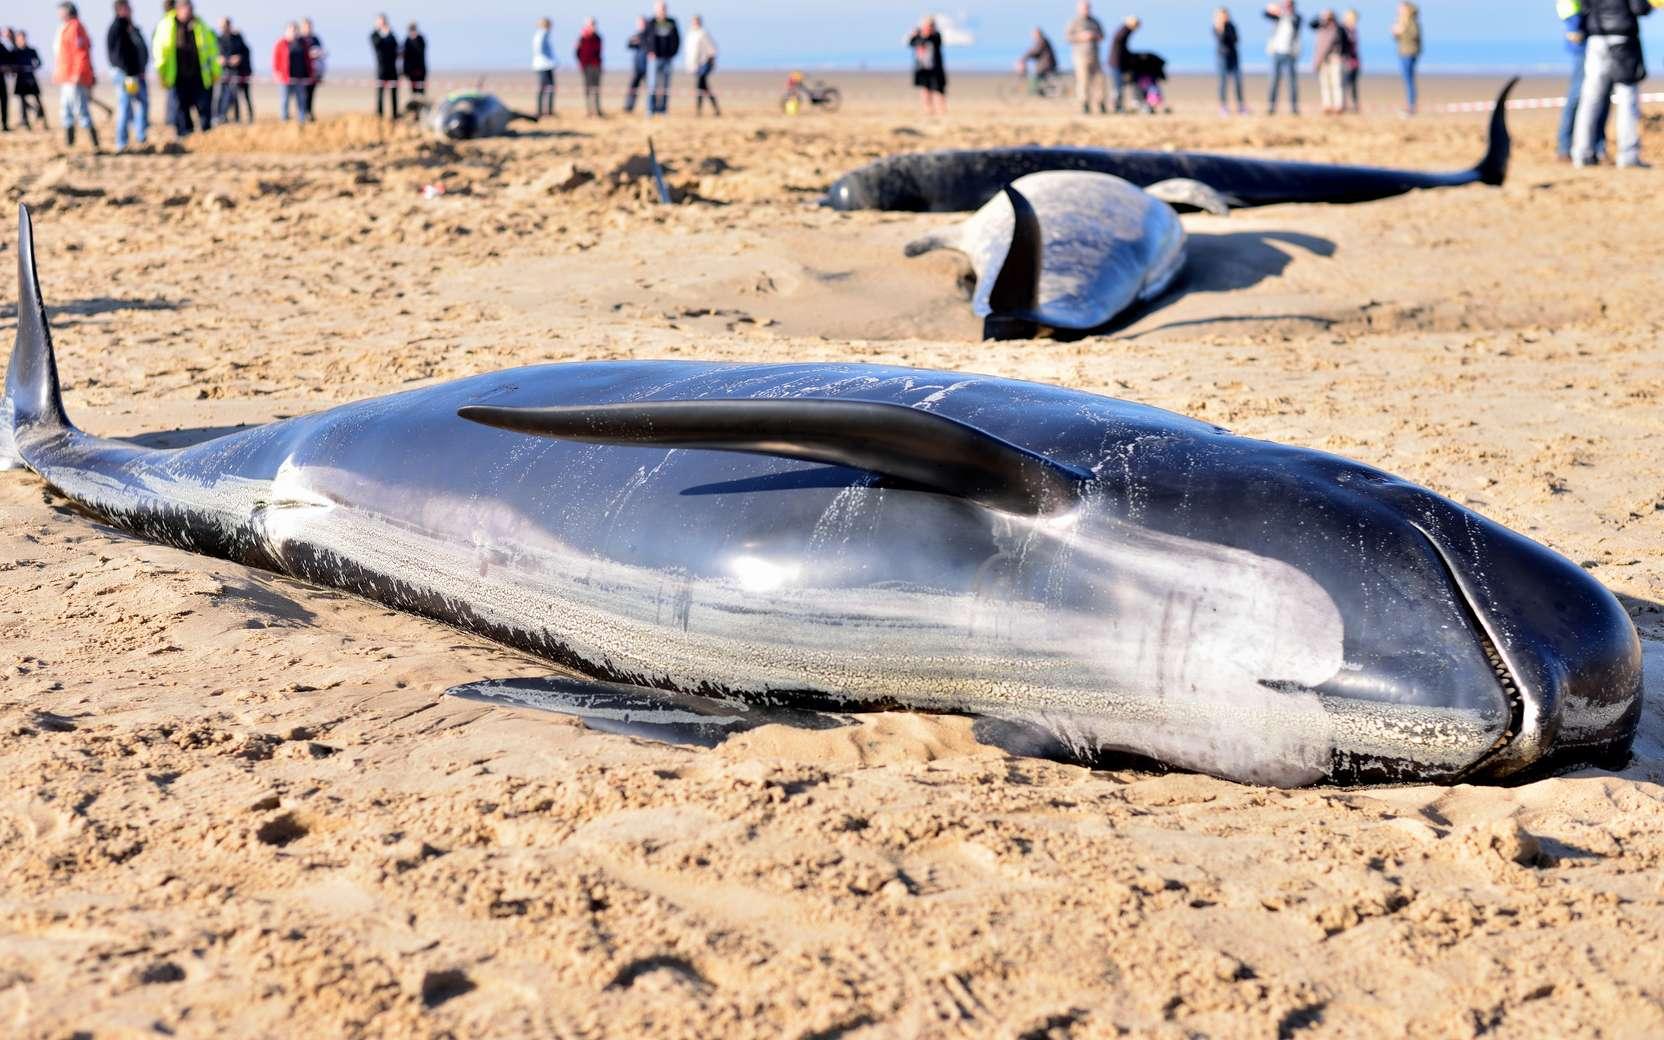 La cause de l'échouage des baleines serait... les tempêtes solaires. Ici, des globicéphales échoués sur la Côte d'Opale, près de Calais, en novembre 2015. © chrisberic, Fotolia